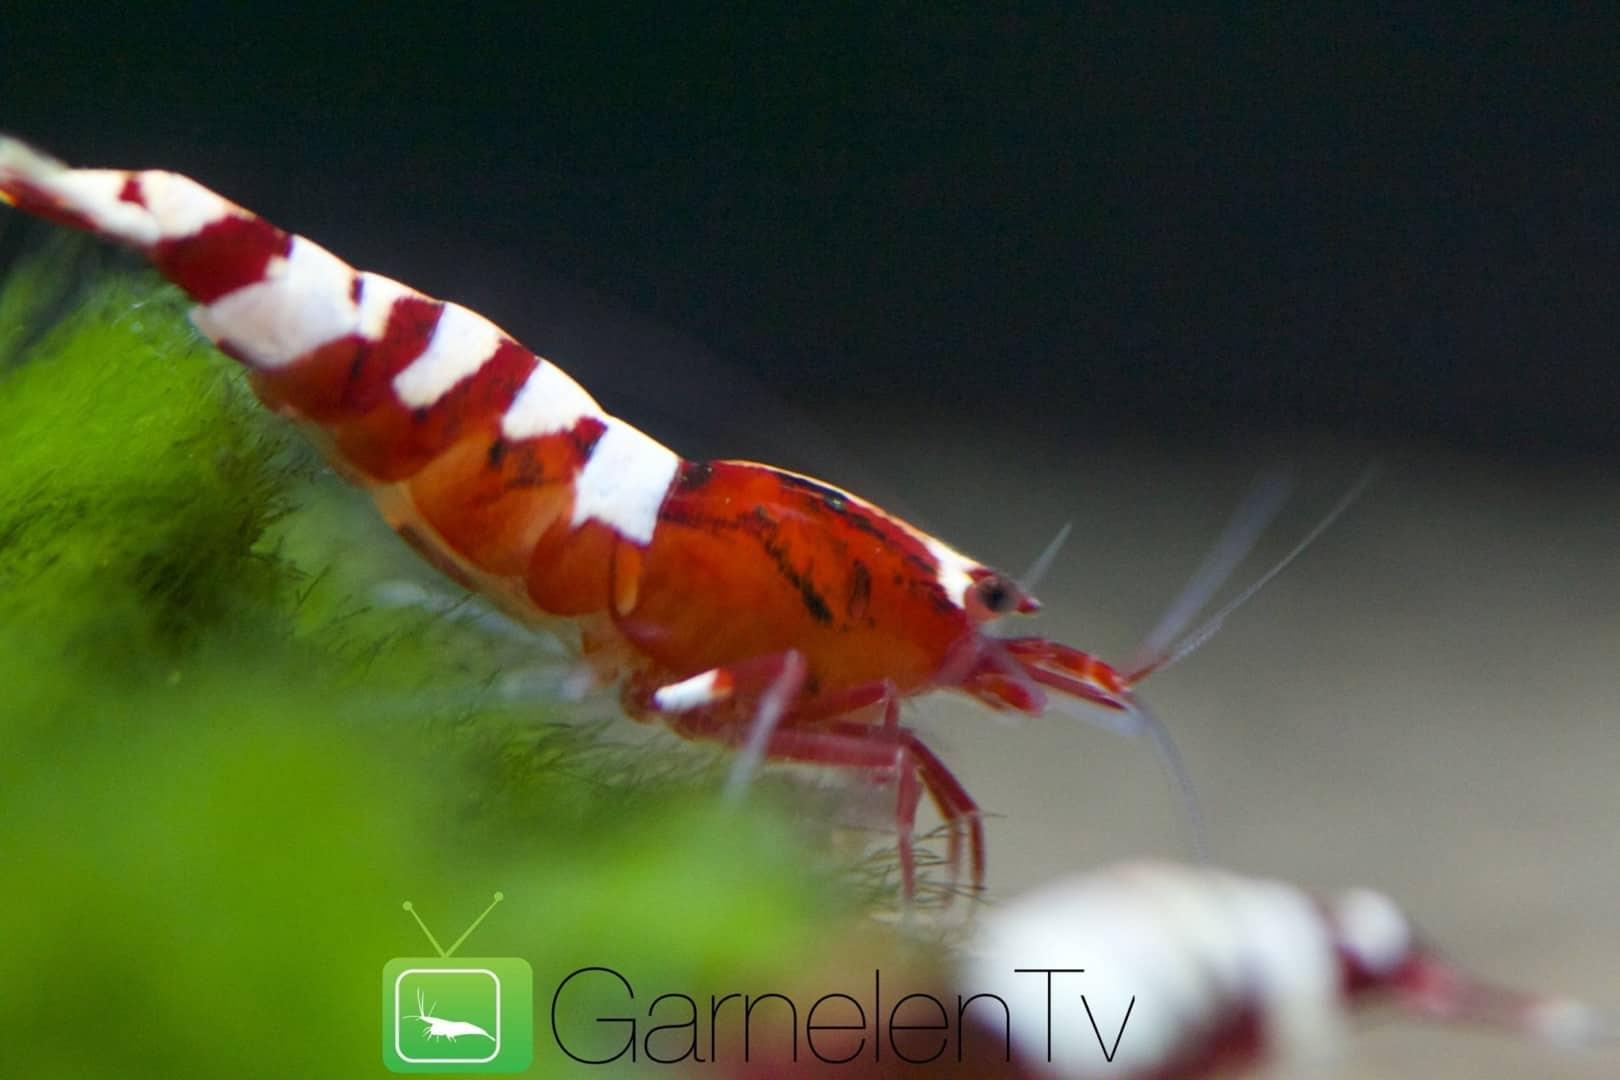 262: Garnelen im Aquarium halten - So machst du deinen Filter garnelensicher 7